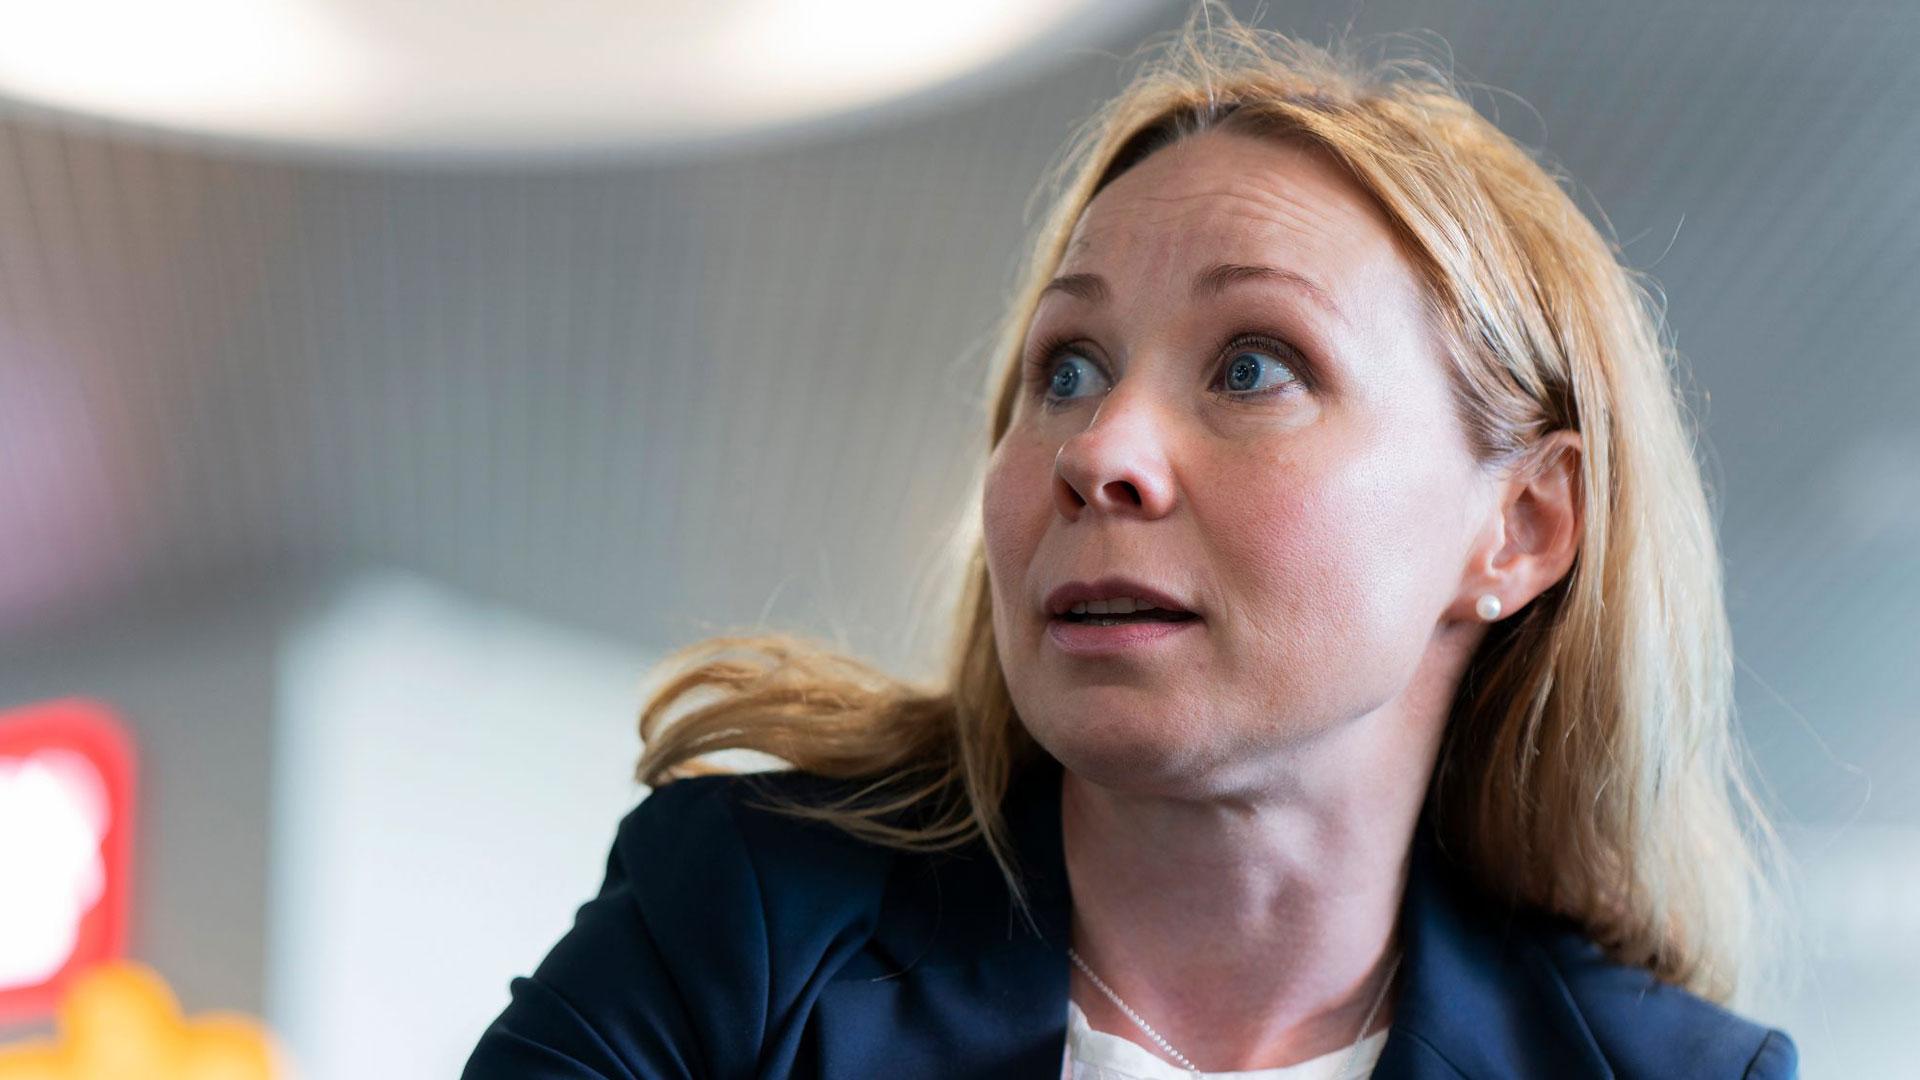 Tornionlaakson neuvoston toiminnanjohtaja Tuula Ajanki on joutunut torjumaan jatkuvia koronahuhuja ja oikomaan vääriä tietoja.